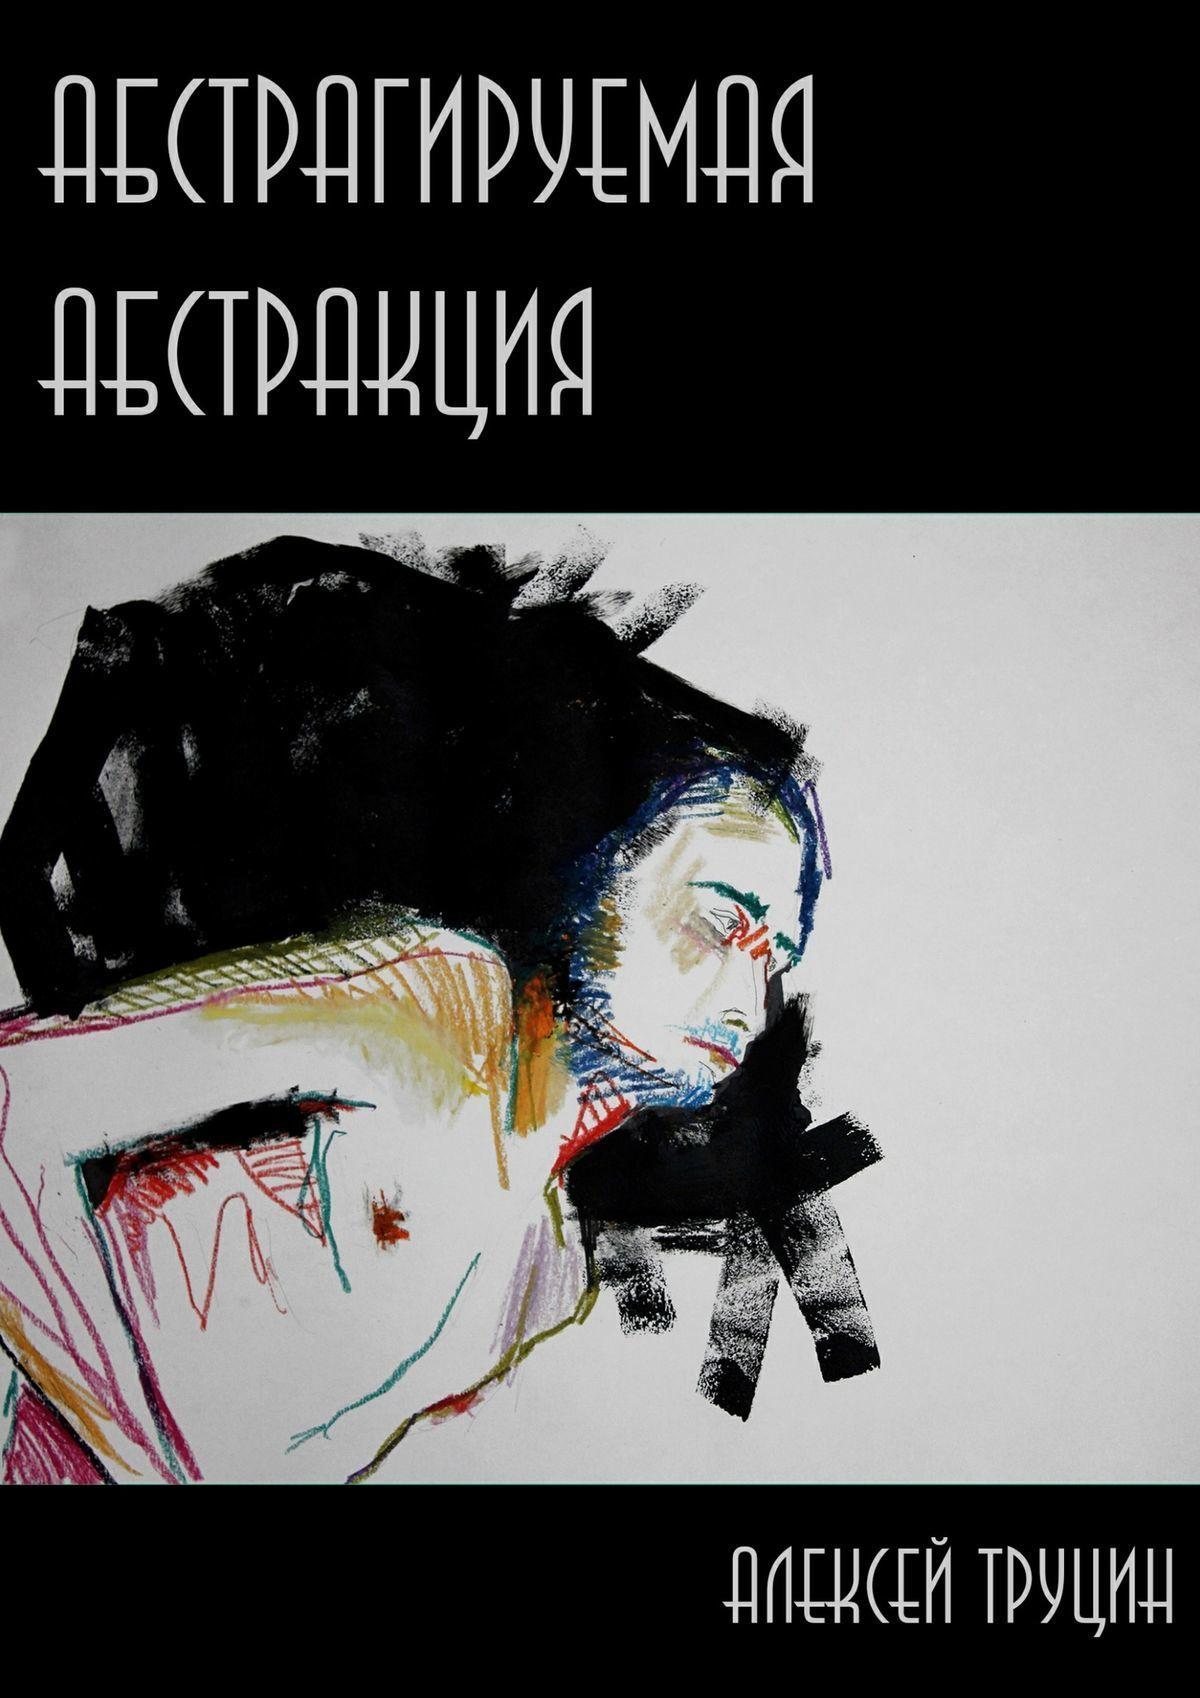 Алексей Васильевич Труцин Абстрагируемая абстракция нострадамус полное собрание пророчеств